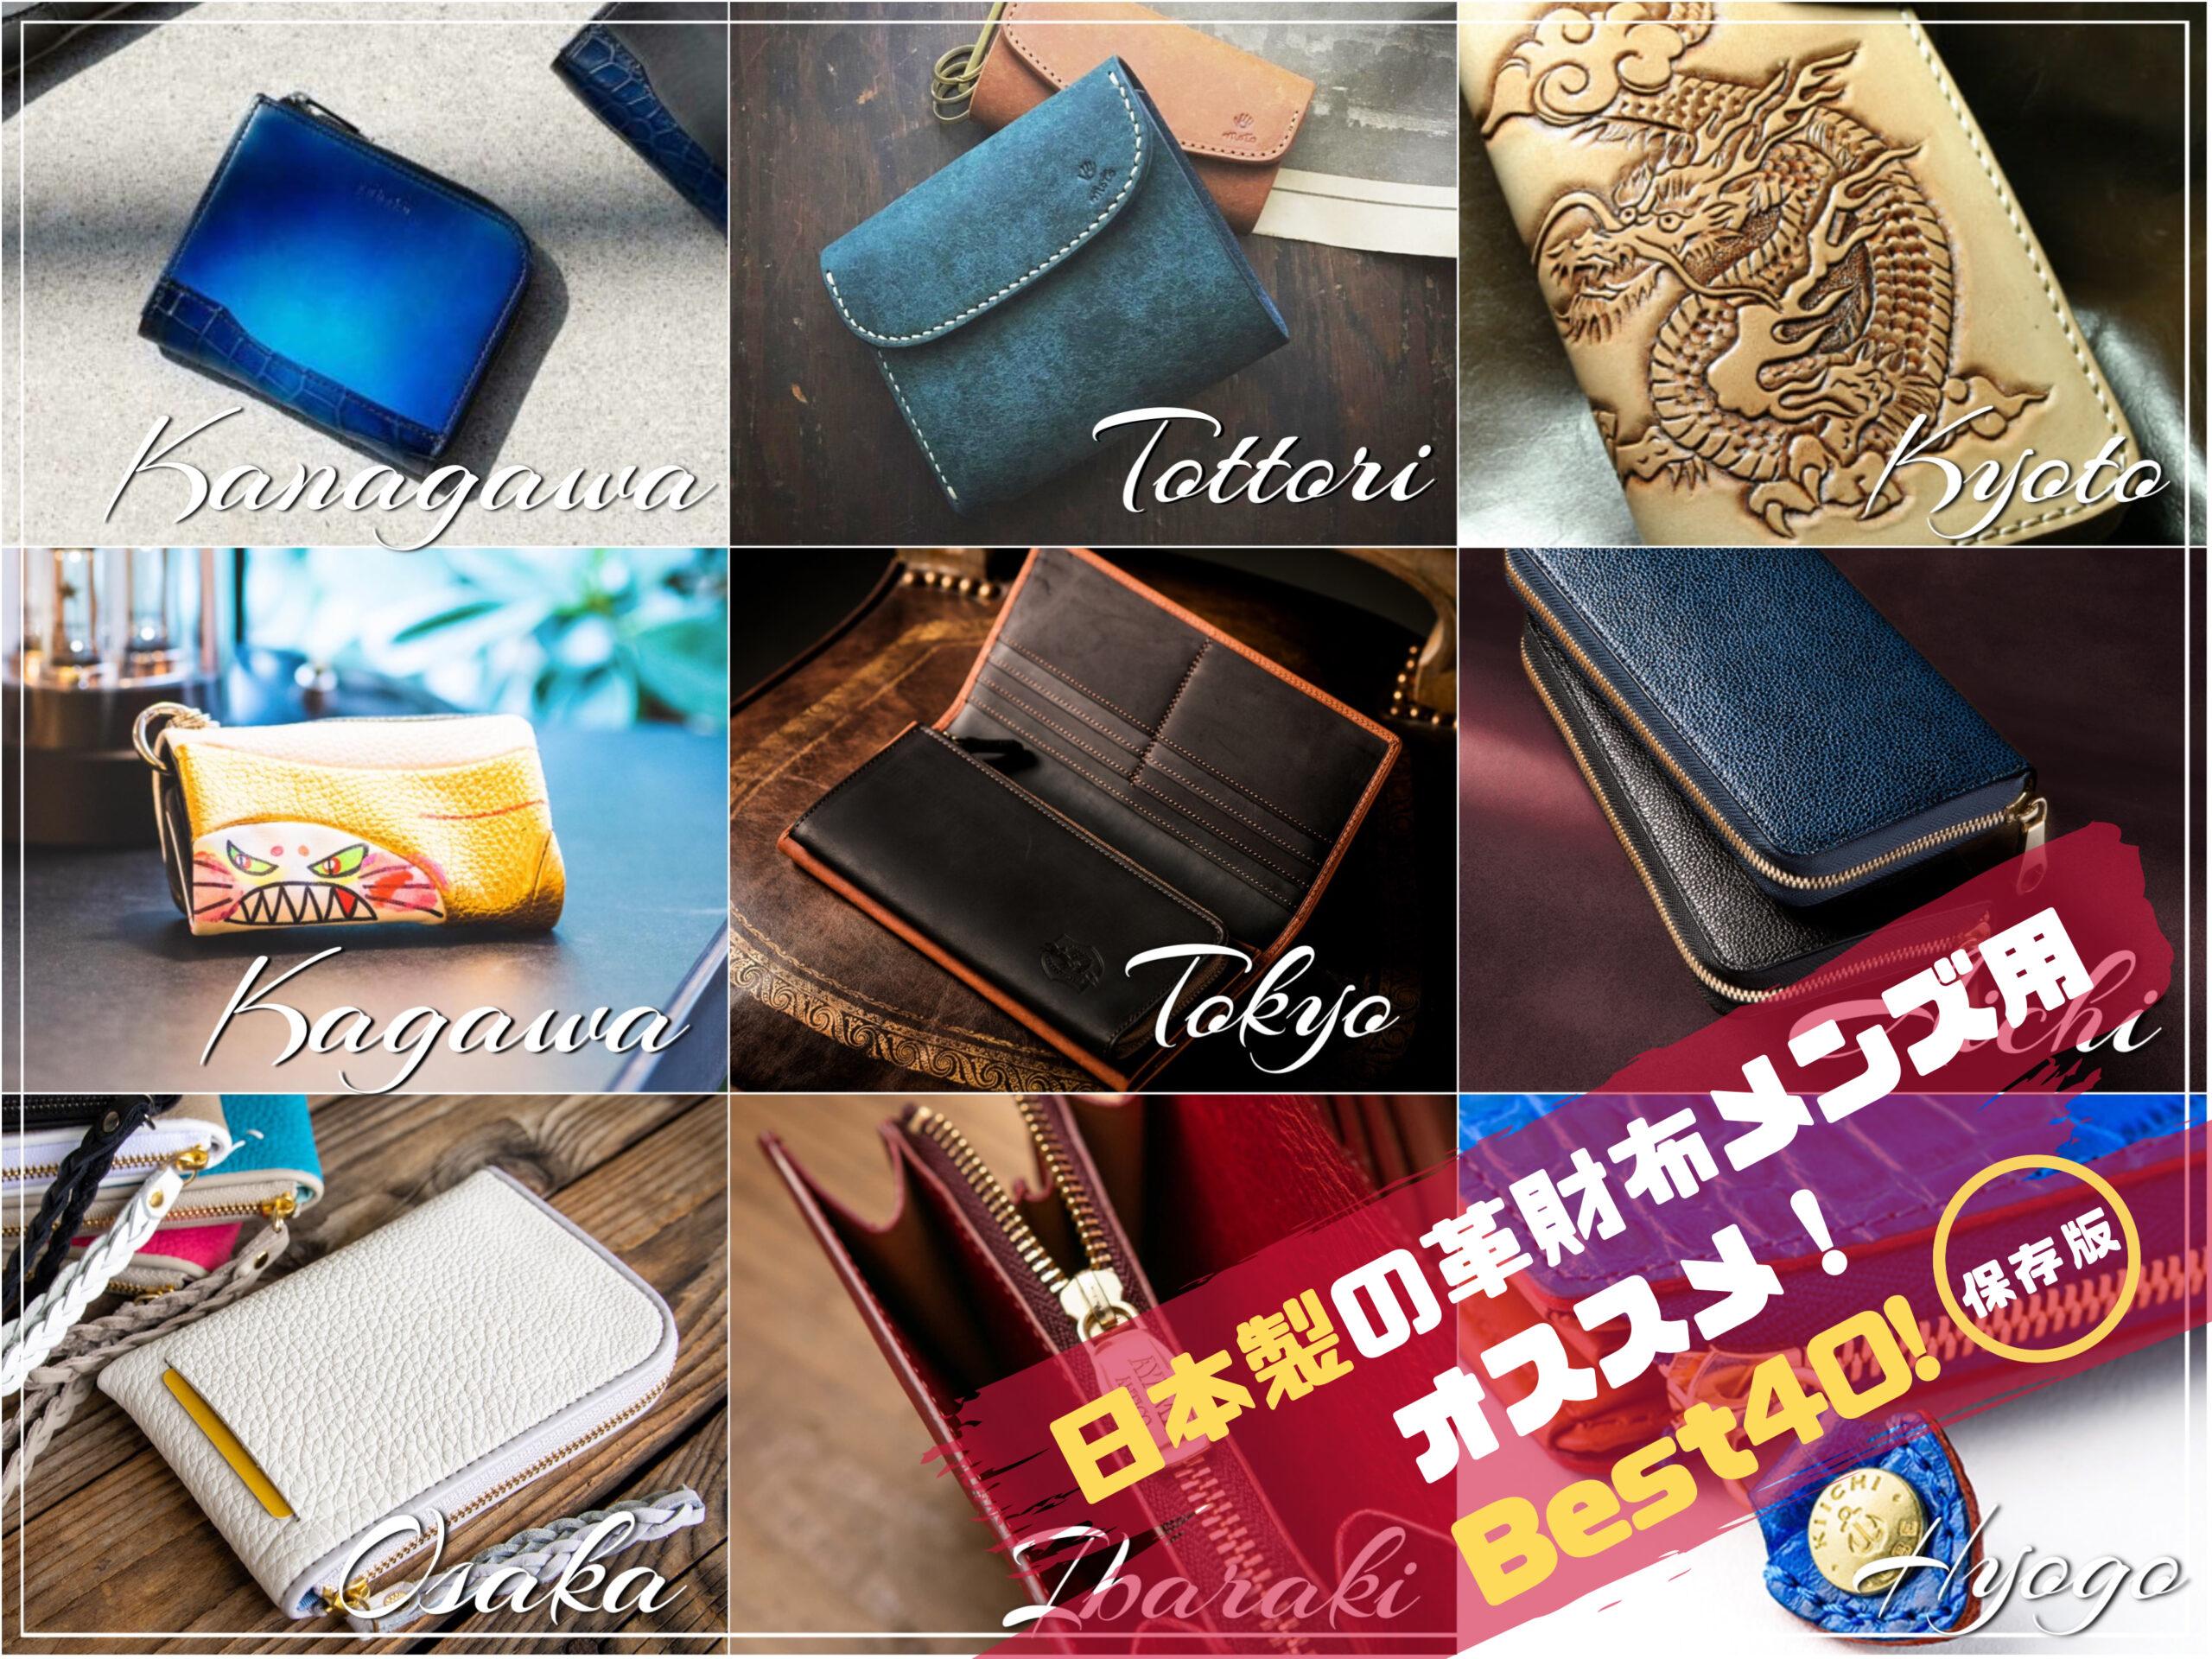 日本製の革財布メンズ用おすすめ